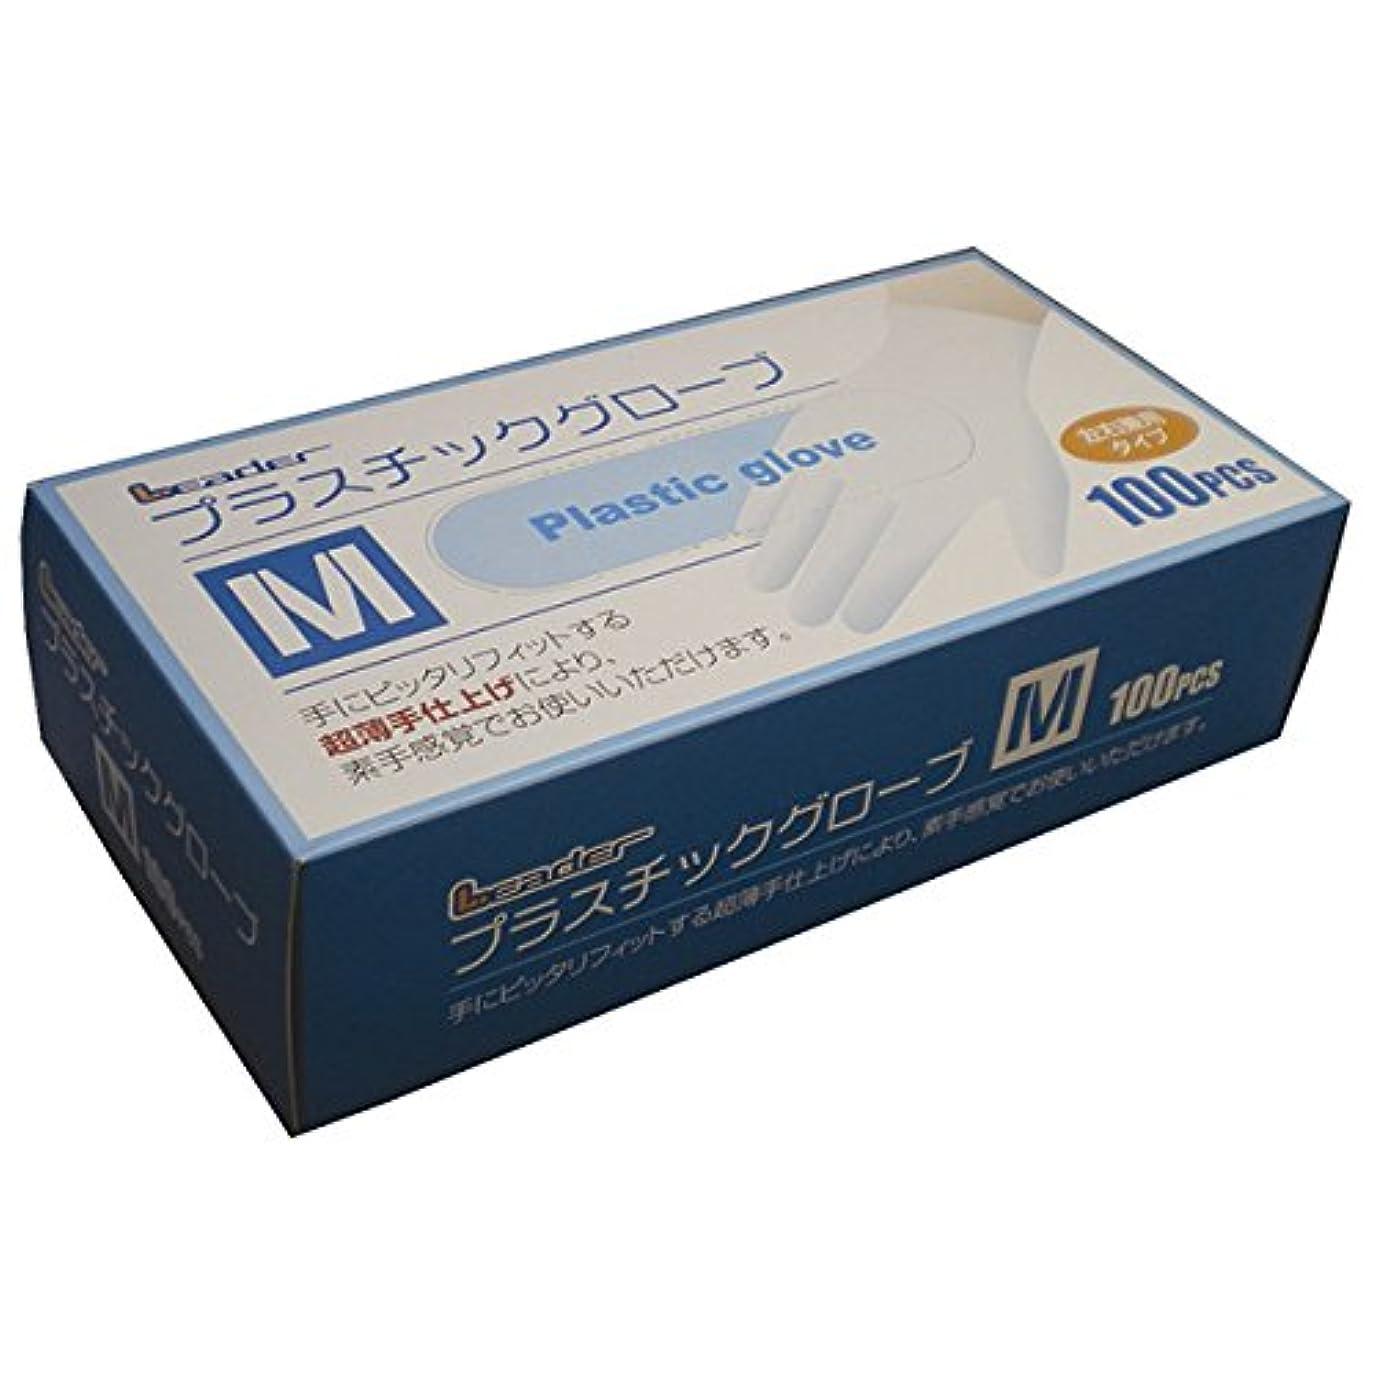 放映軽減にぎやか日進医療器株式会社:LEプラスチックグローブMサイズ100P 10個入 784492